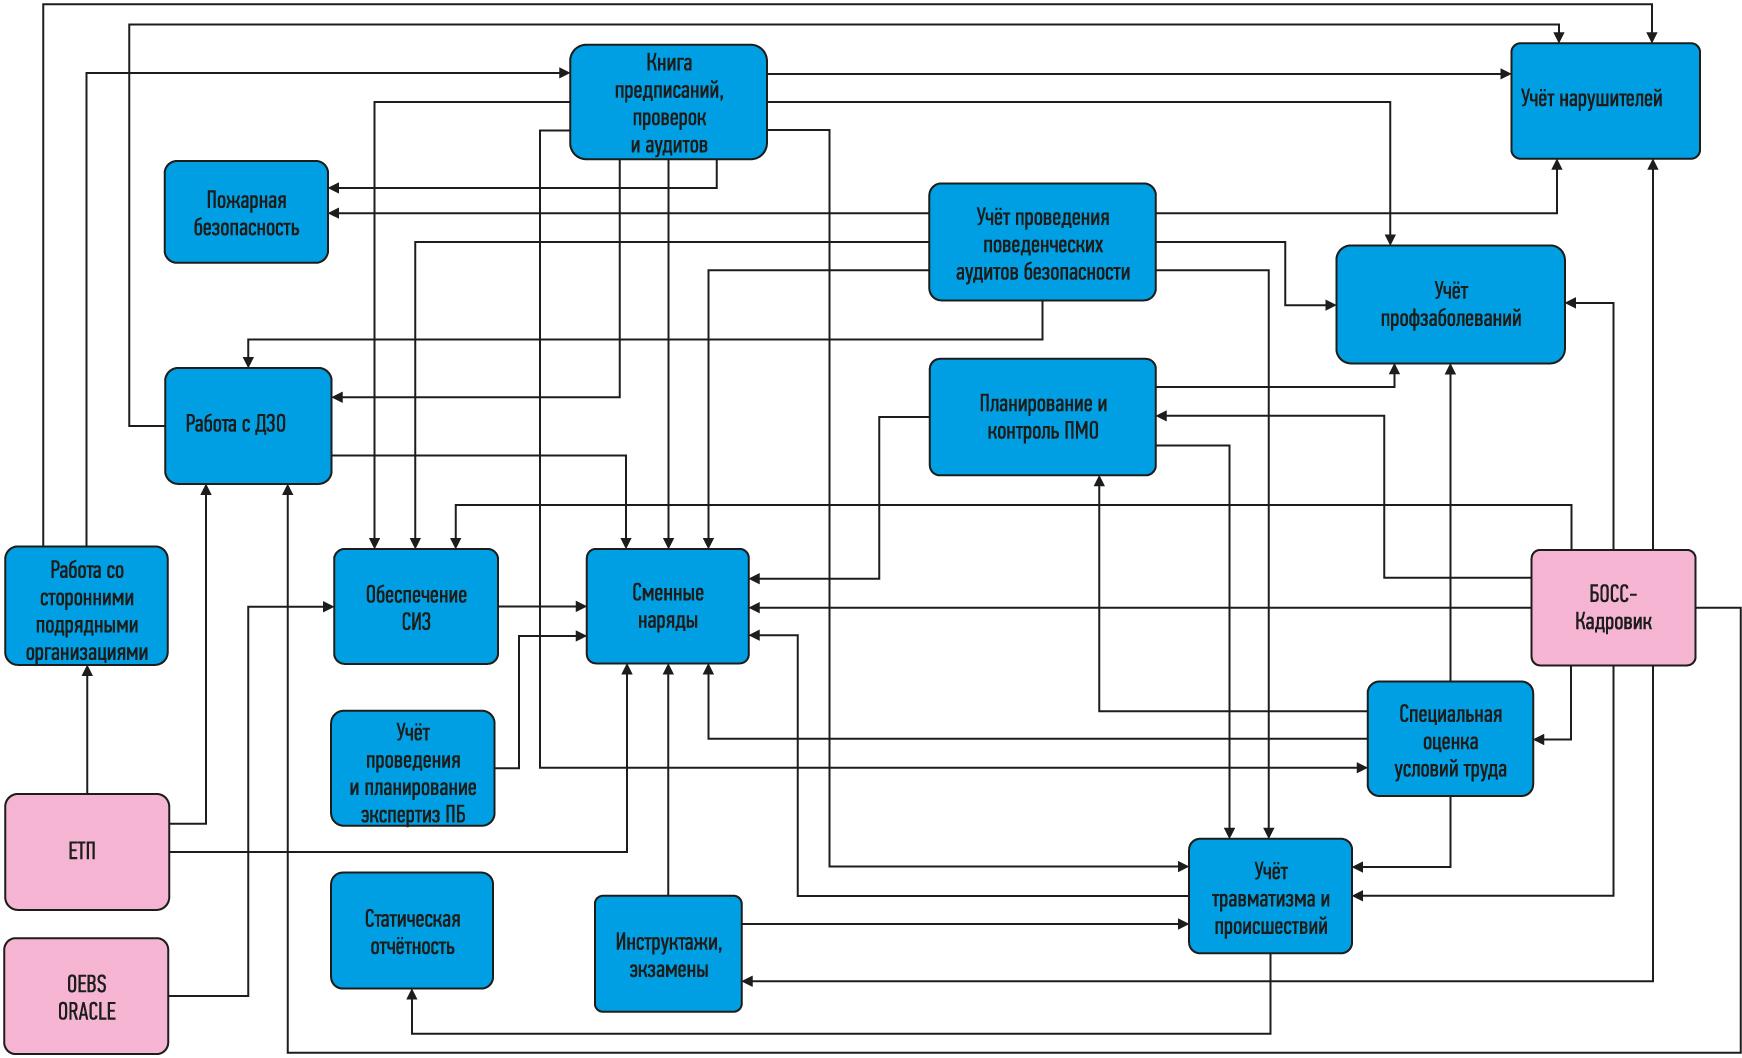 Информационные связи модулей системы управления «Промышленная безопасность и охрана труда» (ИСУ «ПБиОТ»)